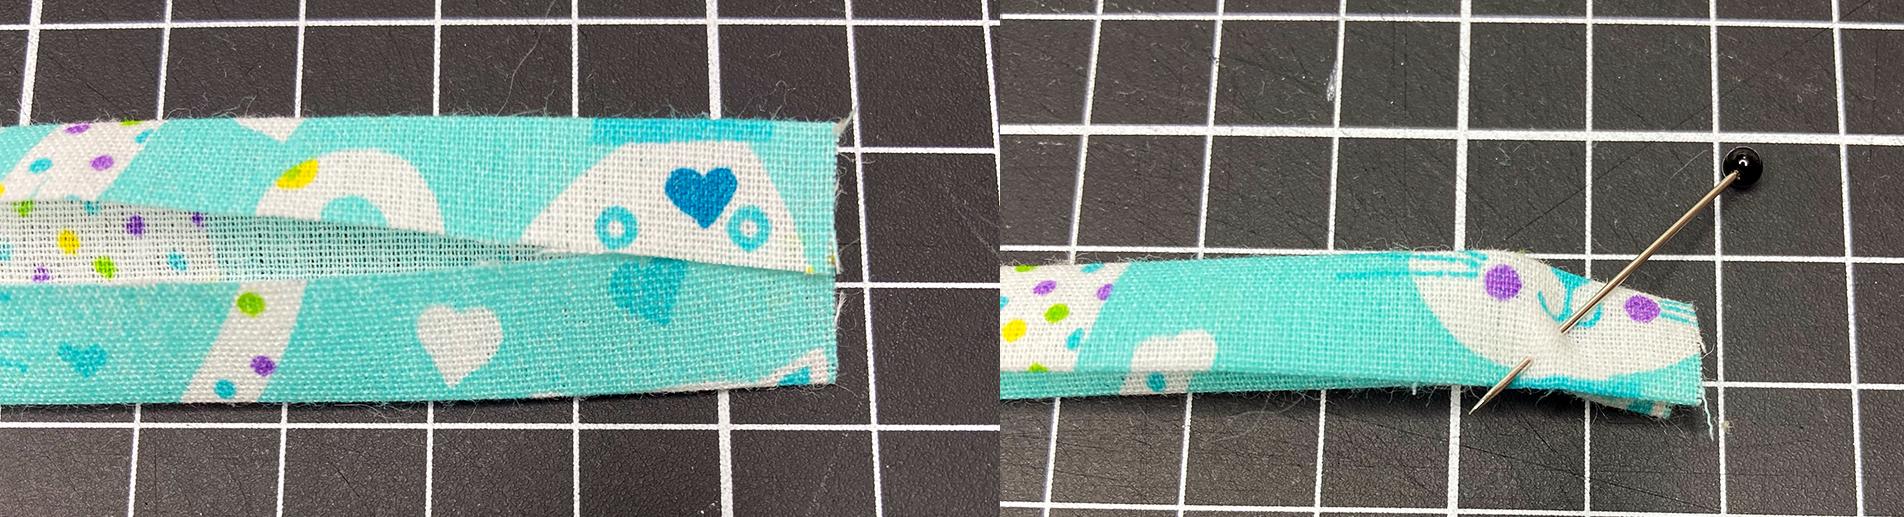 Fold straps